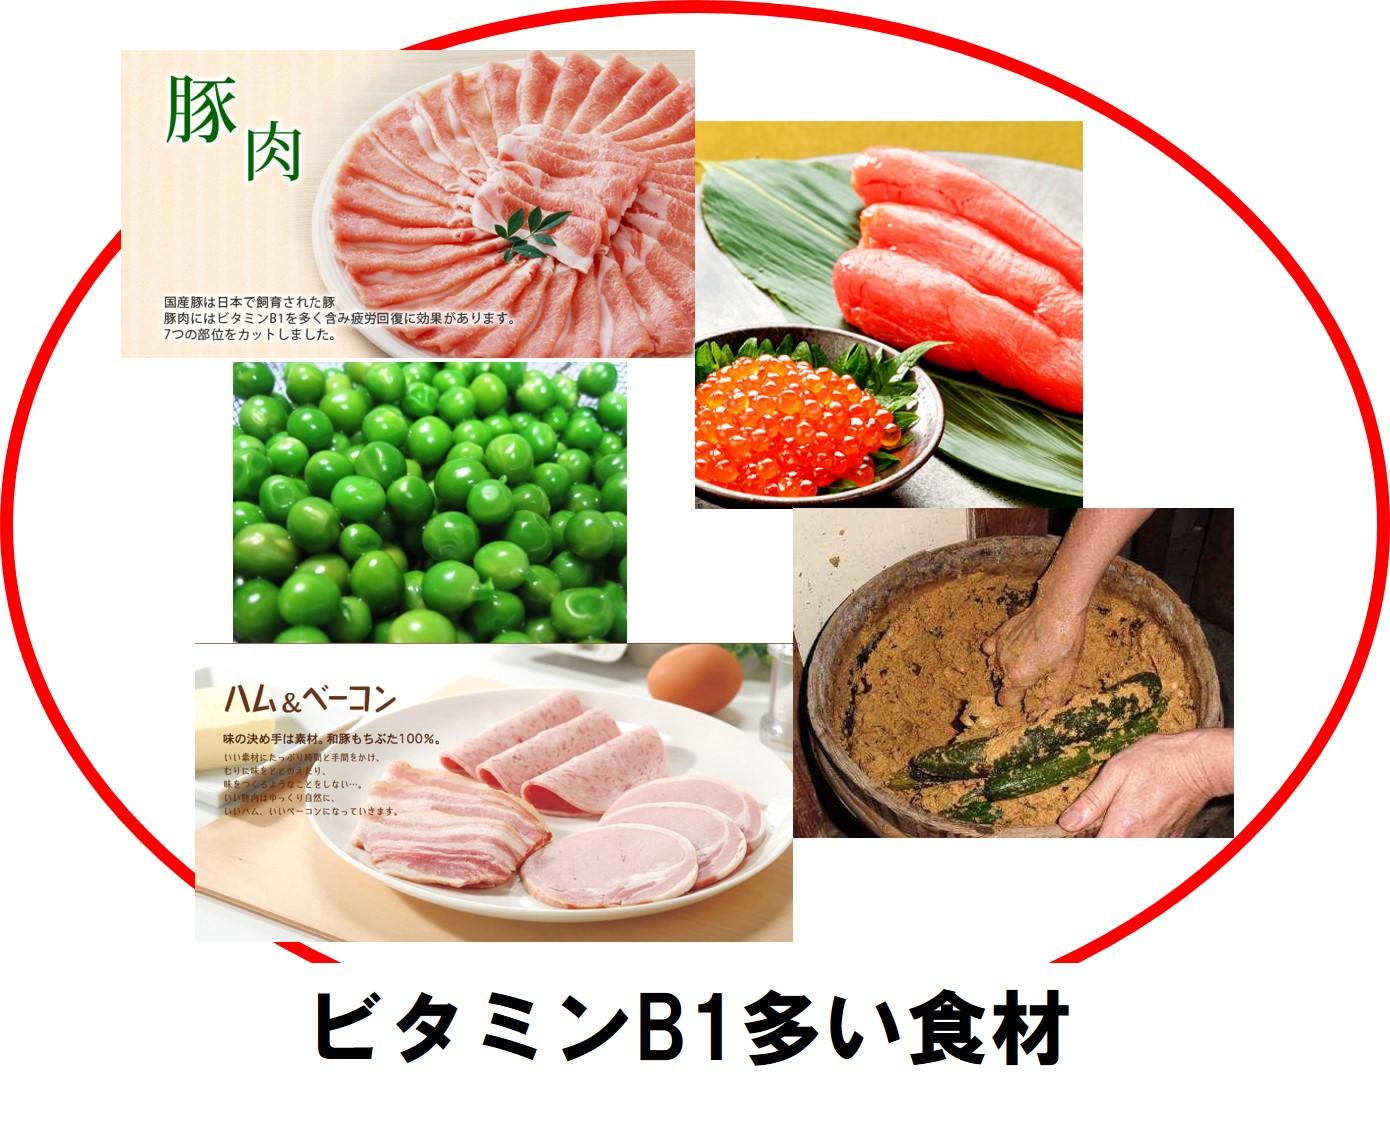 なぜ夏バテにはビタミンB1、B2、B6が効果的なのか?~夏バテ解消にオススメな食材と栄養~ | 味覚ステーション